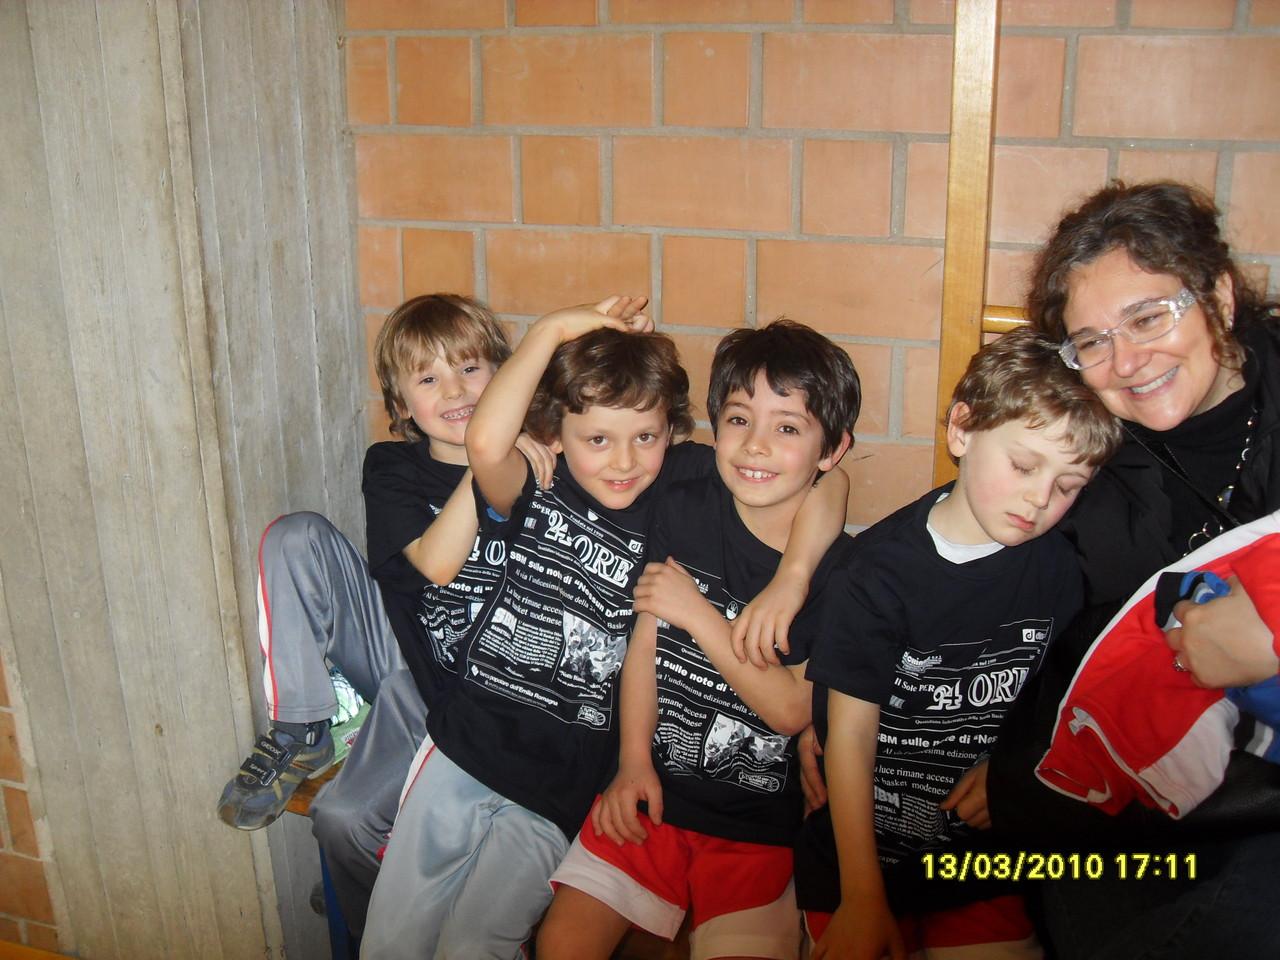 """24 ORE 2010 - palestra """"Ferraris"""" - bimbi InMo.To. ospiti della manifestazione"""